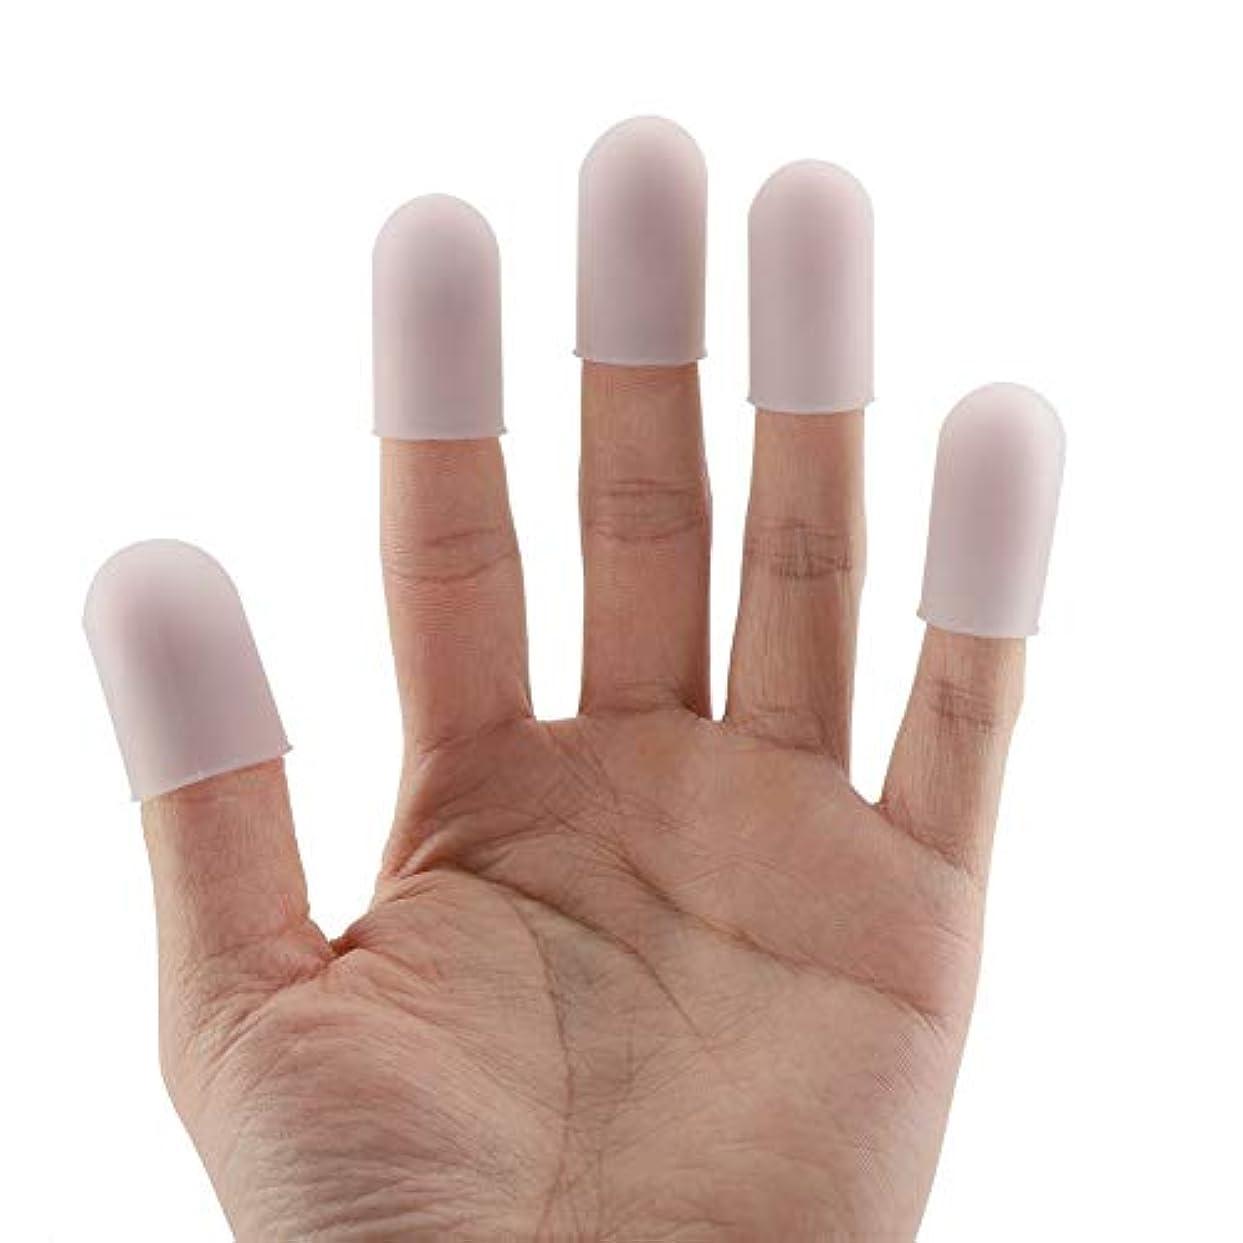 褐色どのくらいの頻度でについてSoarUp 親指プロテクター 調理用指先カバー 指先カバー 食品用シリコーン製 再使用可能 コンパクト 幅広い用途 5個